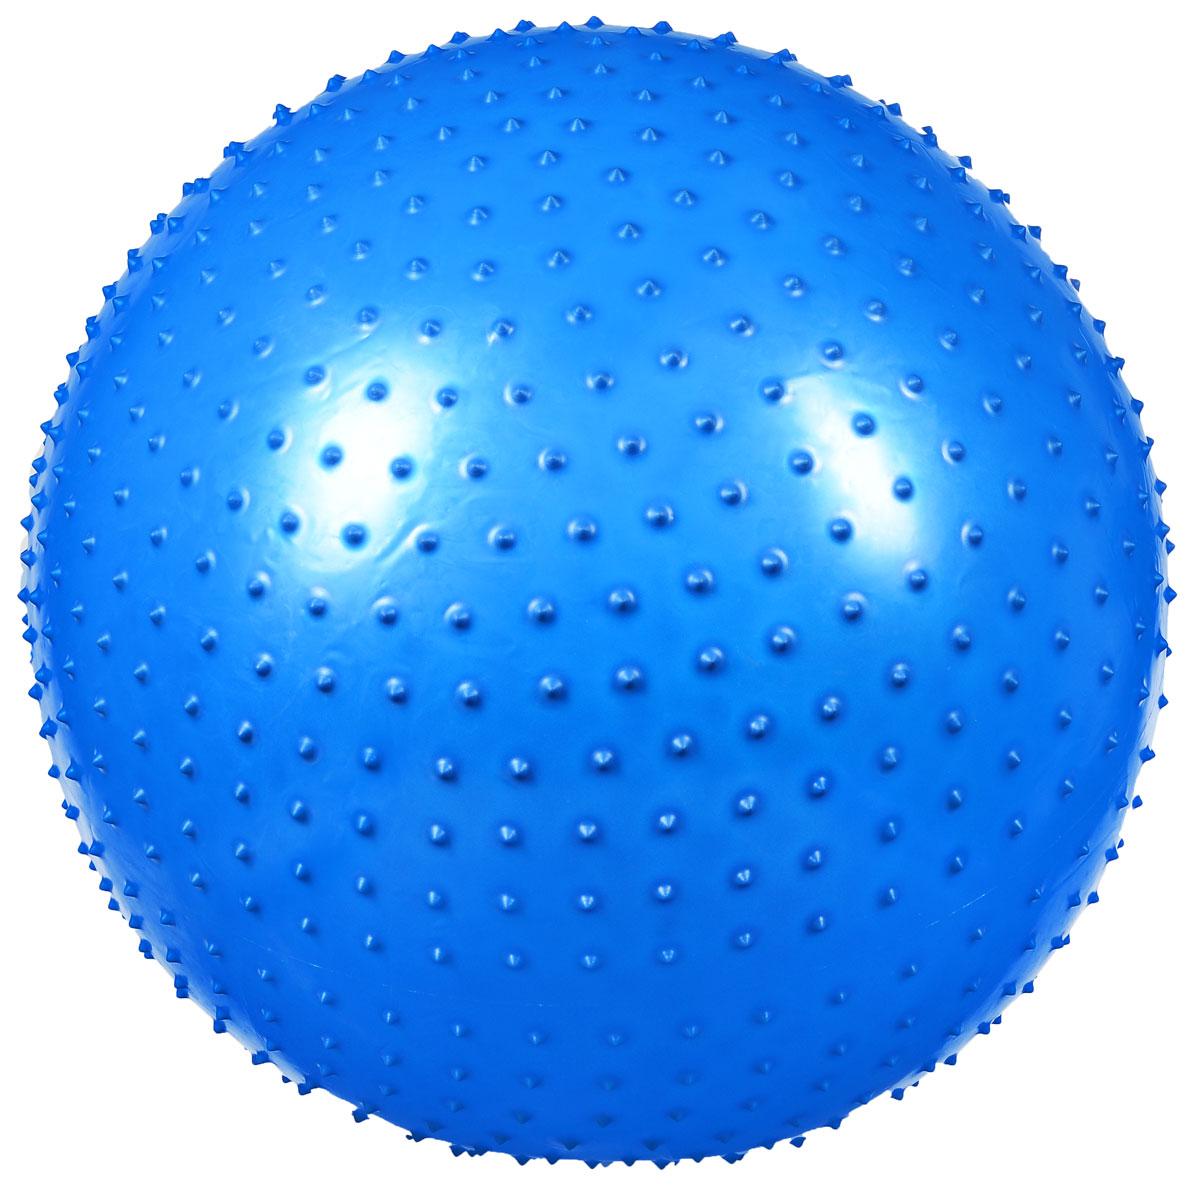 Фитбол массажный Ironmaster, цвет: синий, диаметр 75 смIR97404/75Фитбол массажный Ironmaster, сделан из прочного силикона и часто используется в качестве спортивного инвентаря при занятиях фитнесом. Округлые выступы стимулируют кровообращение и оказывают легкое массажное действие. Изделие пригодится как начинающим, так и опытным спортсменам. Фитбол позволит существенно улучшить показатели независимо от вашего уровня подготовки. Фитбол идеально подходит для упражнений на растяжку, силовых упражнений и зарядки. Занятия с использованием фитбола позволят укрепить мышцы спины, живота, рук и ног. Фитбол легко транспортировать, поэтому его можно использовать для занятий как дома, так и в любом другом удобном месте. На упаковке приведены примеры упражнений с описанием и картинками. УВАЖАЕМЫЕ КЛИЕНТЫ! Обращаем ваше внимание на тот факт, что фитбол поставляется в сдутом виде. Насос входит в комплект.